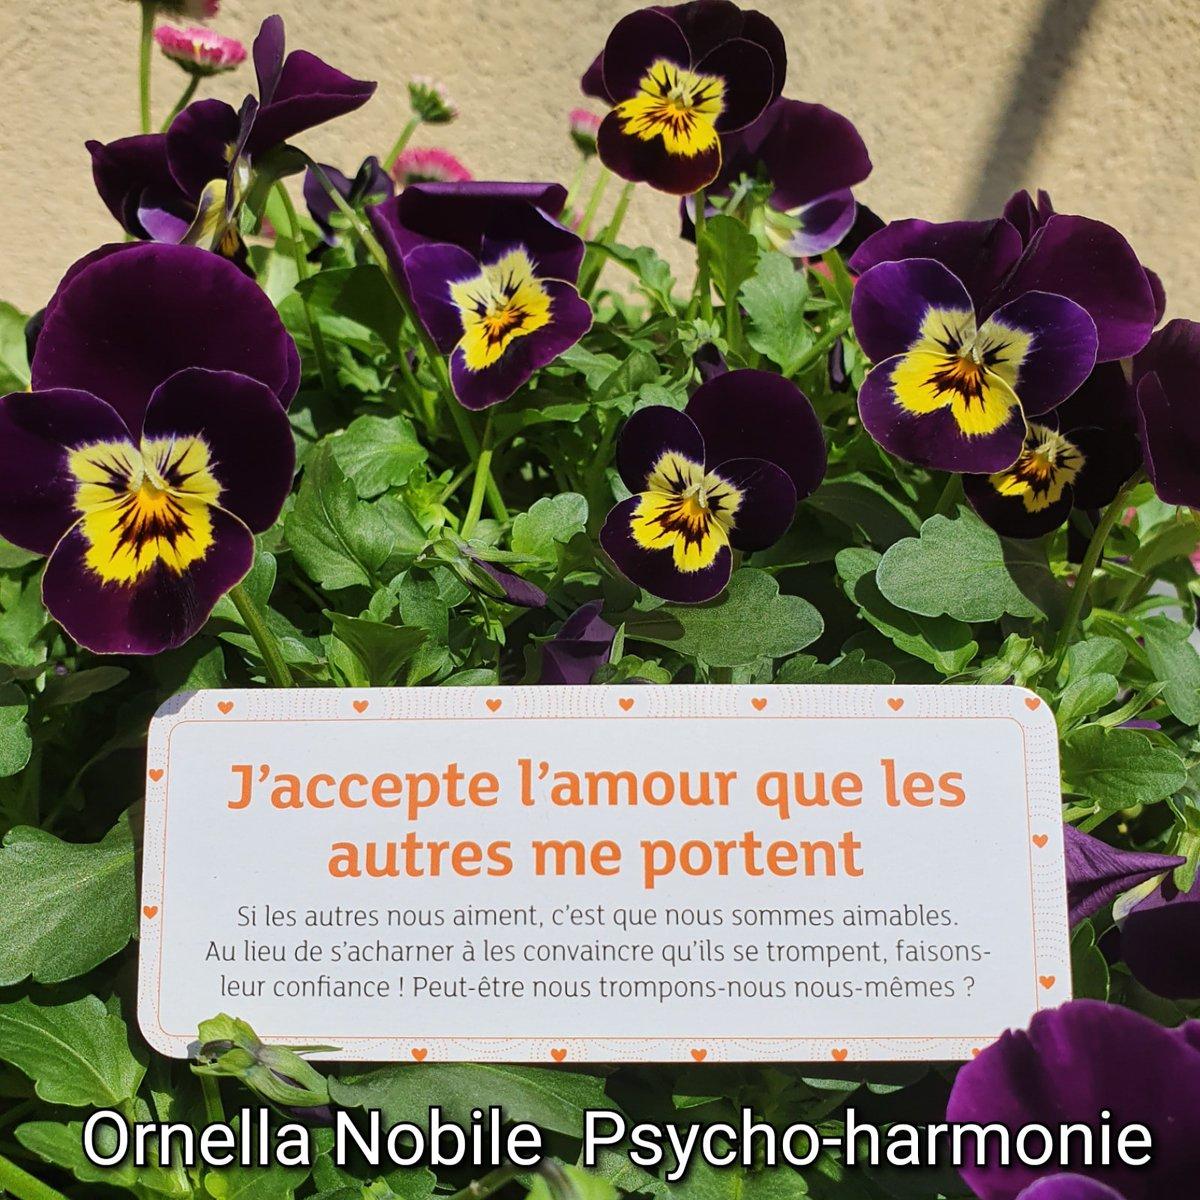 Conseil pour améliorer l'estime de soi  ⠀ La petite boite pour cultiver l'estime de soi, Marie Borrel ⠀ #psychoharmonie #marieborrel #lapetiteboite #psychoharmonie #bienetre #harmonie #mieuxetre #sérénité #bonheur #estimedesoi #amourdesoi #croireensoi pic.twitter.com/OGpH99YlGm